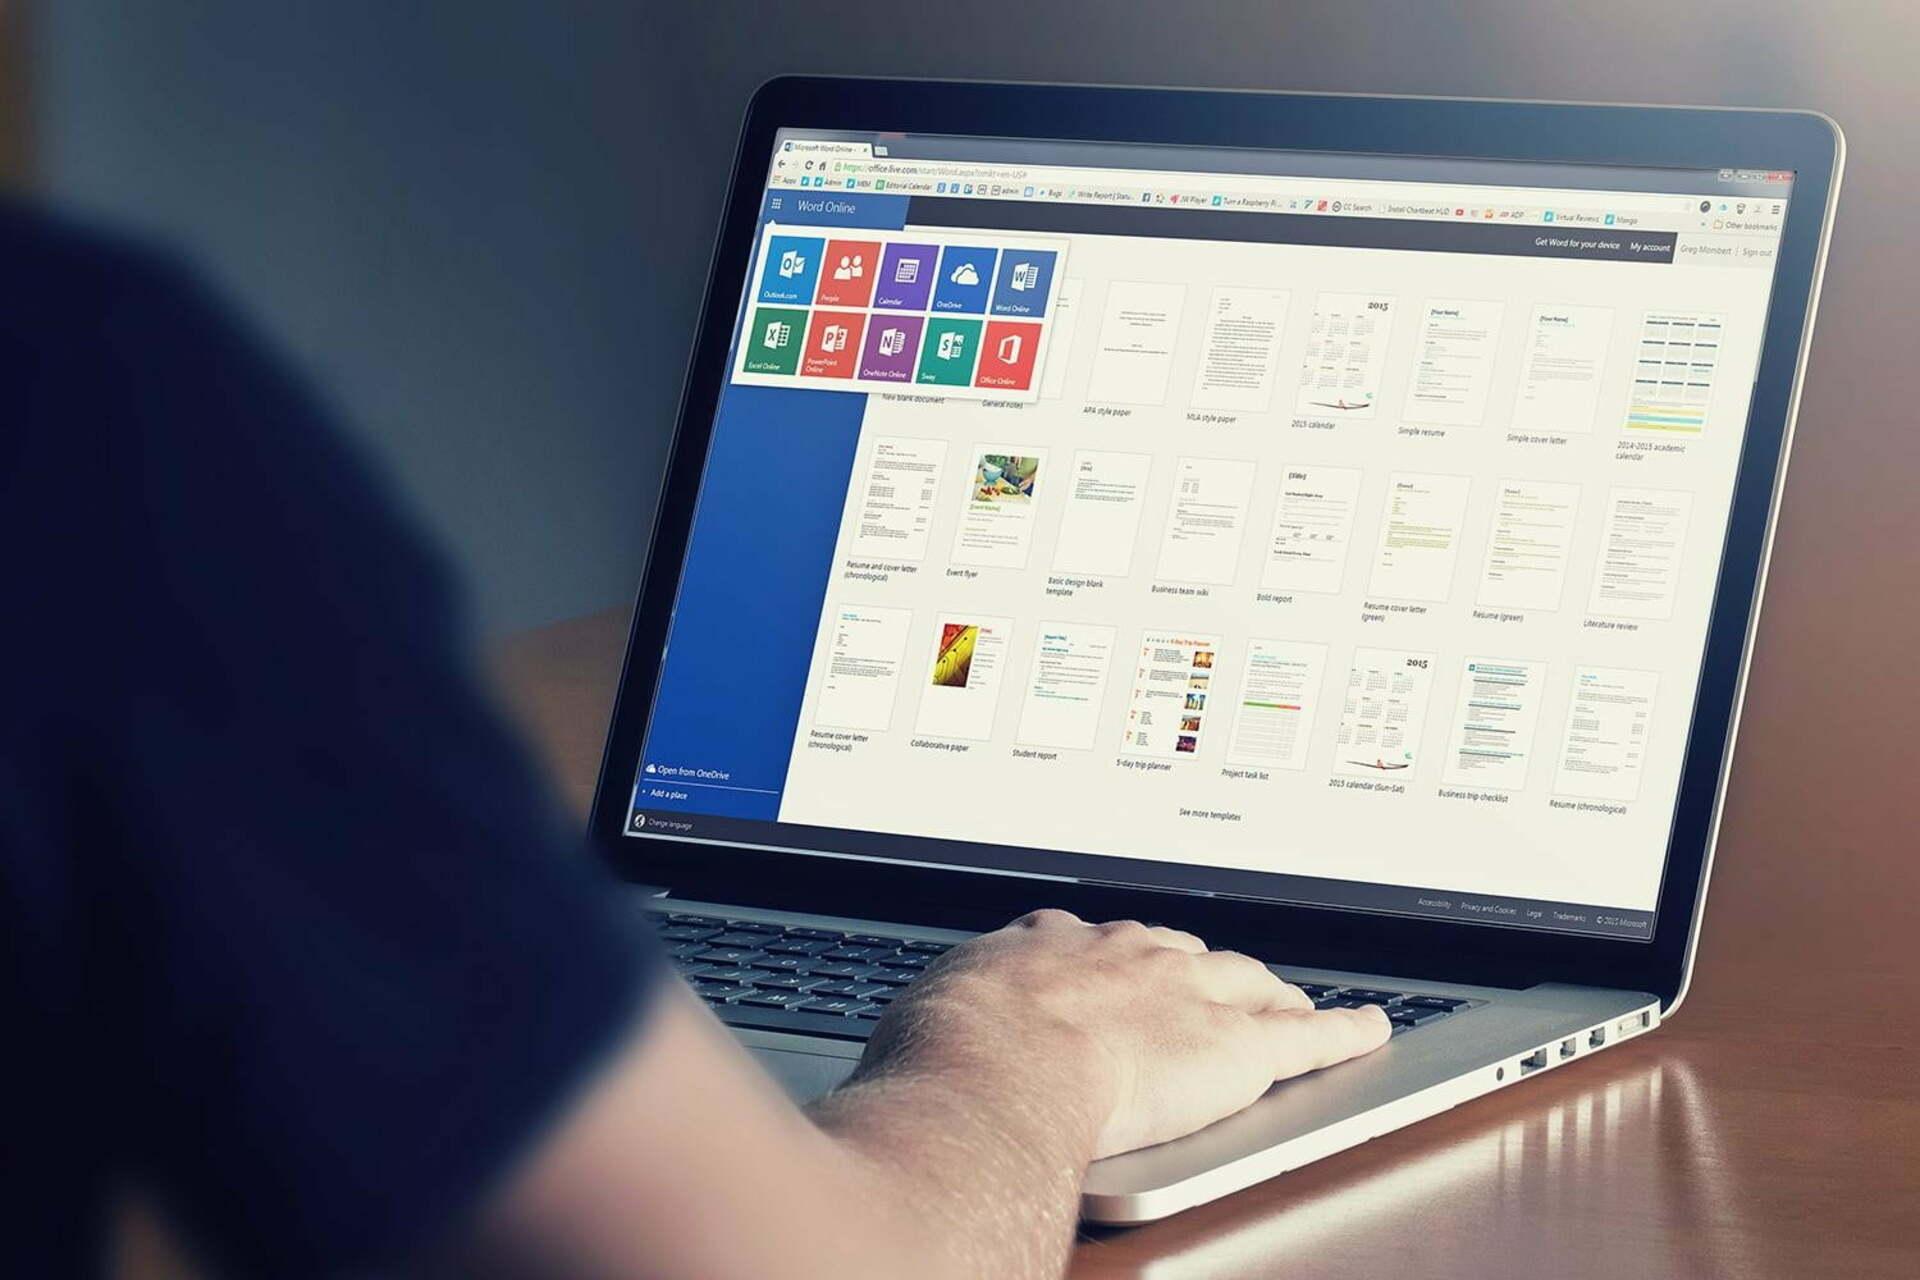 Hướng dẫn cách kích hoạt Windows 10 và Microsoft Office bản quyền qua điện thoại